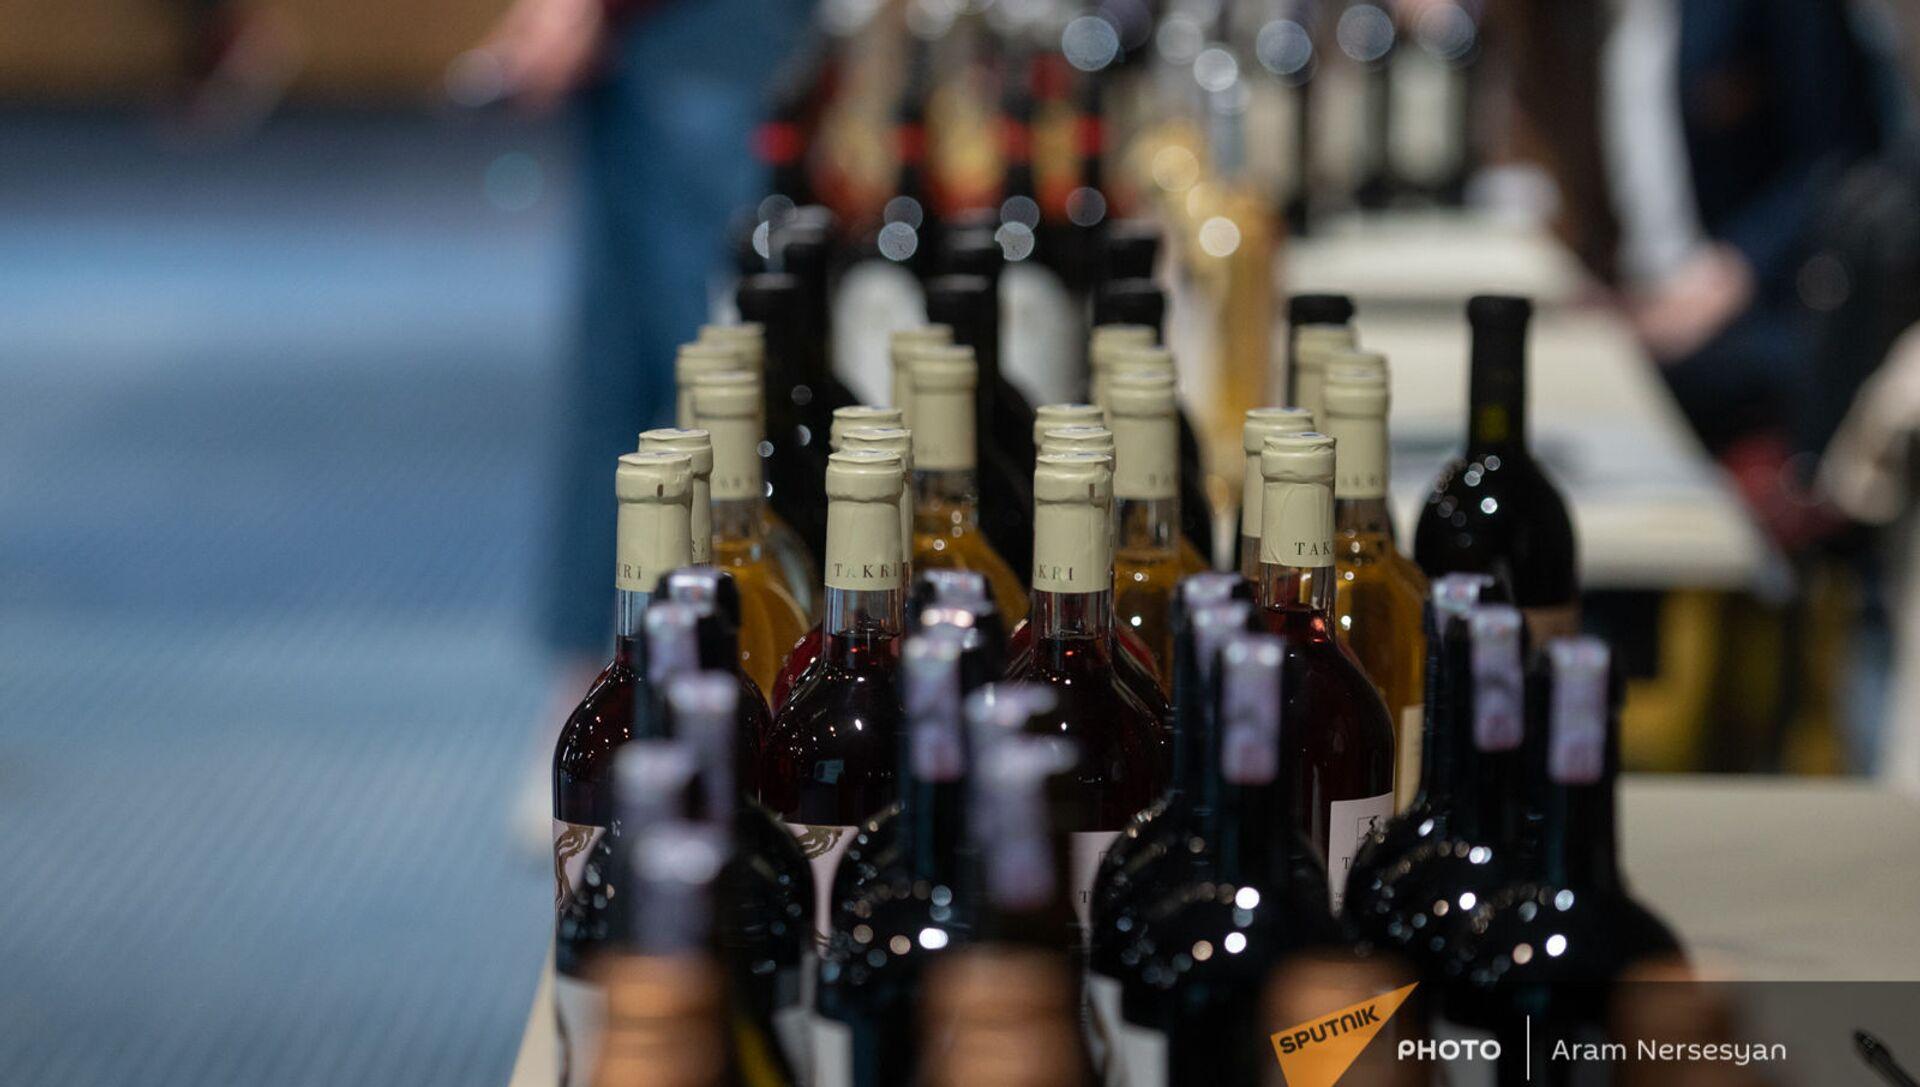 На благотворительной выставке-продаже вина в Ереване - Sputnik Արմենիա, 1920, 30.06.2021